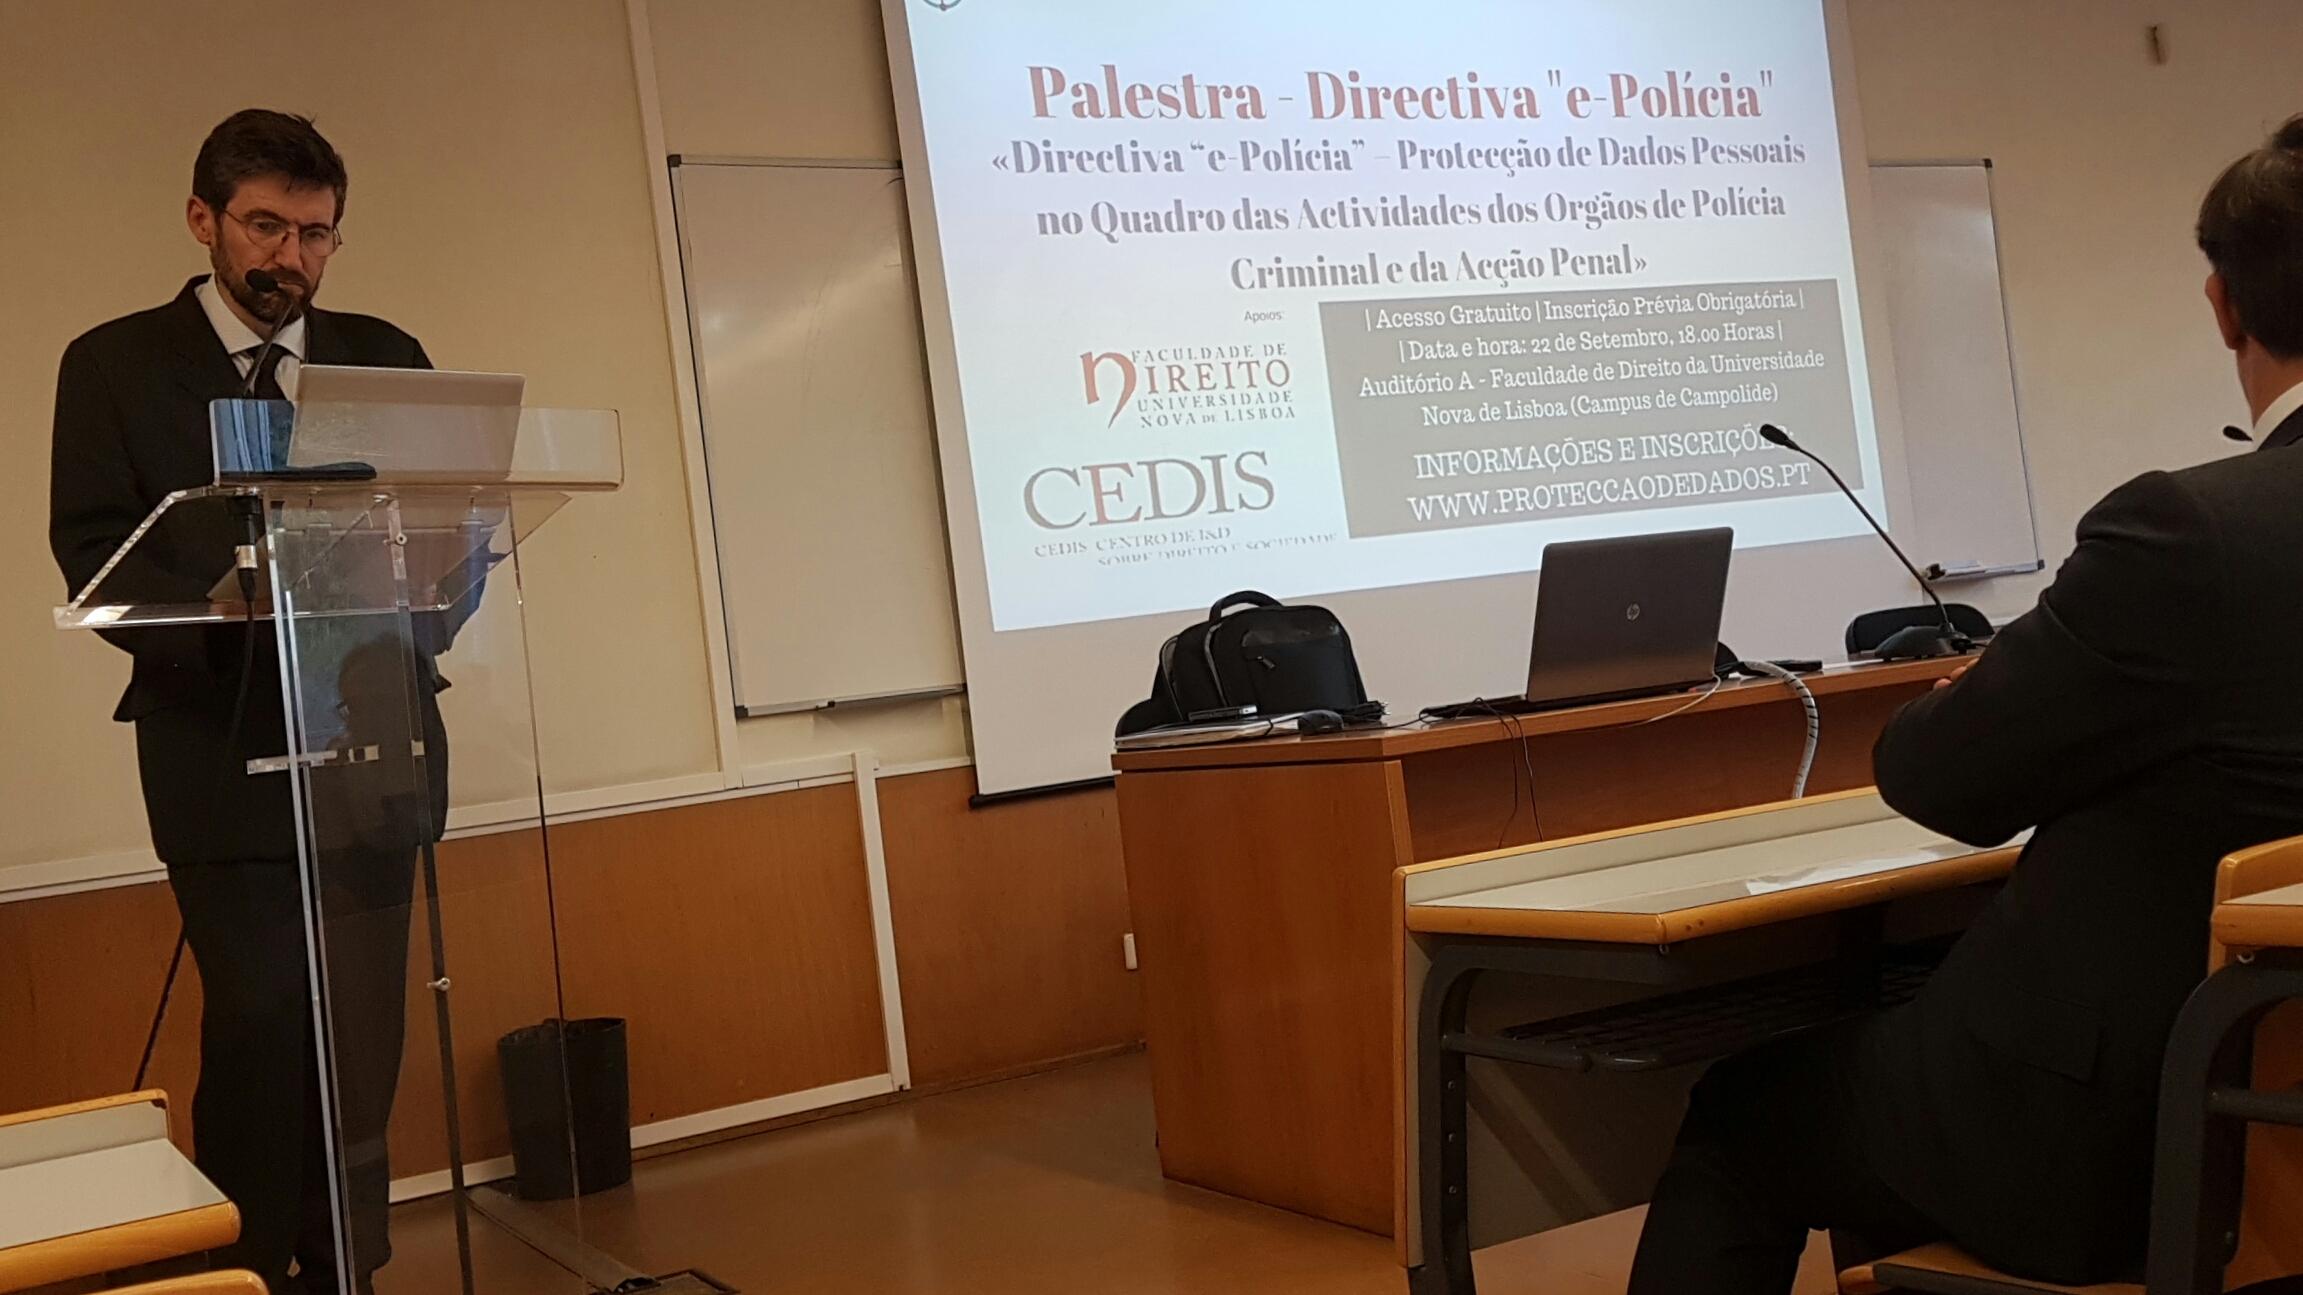 """Palestra - «Directiva """"e-Polícia"""", Protecção de Dados Pessoais e Acção Penal»"""